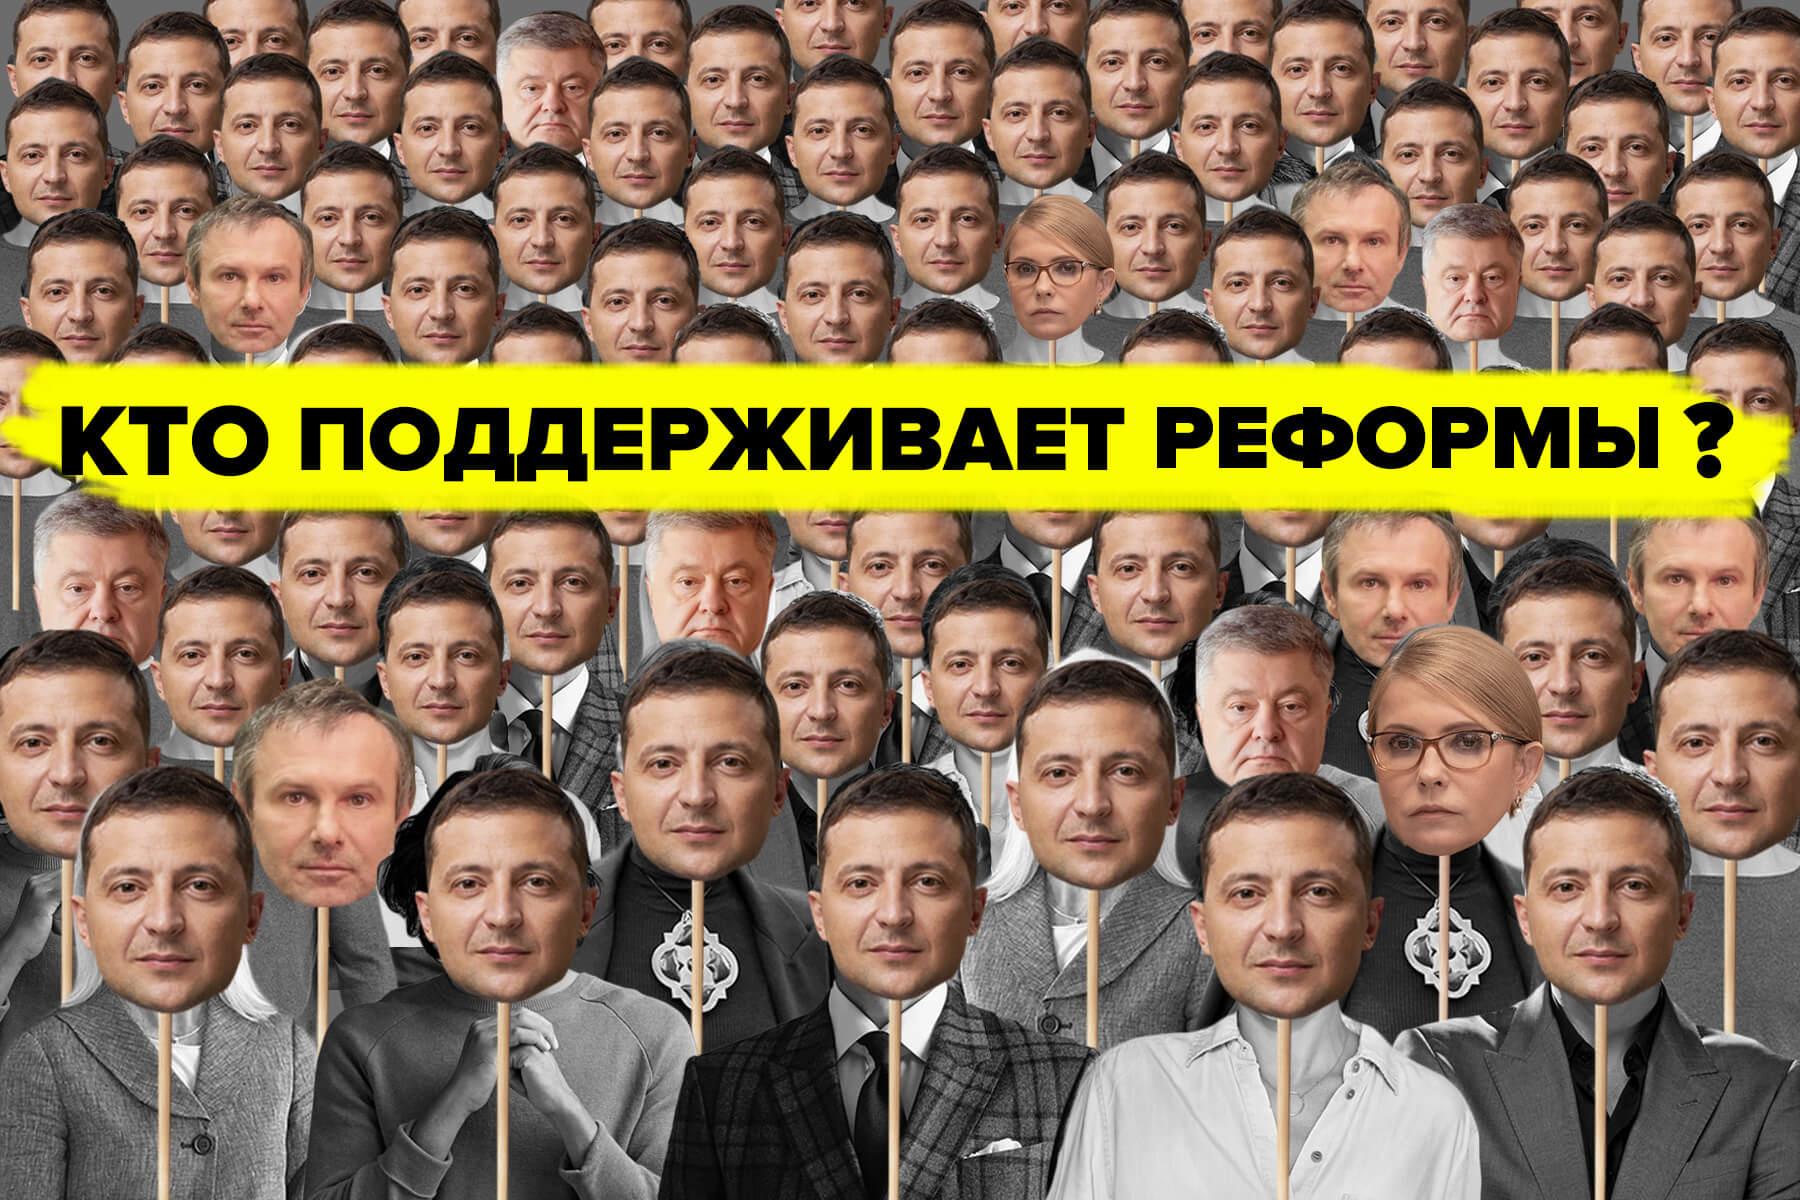 187 первых: соревнование в эффективности в новом парламенте